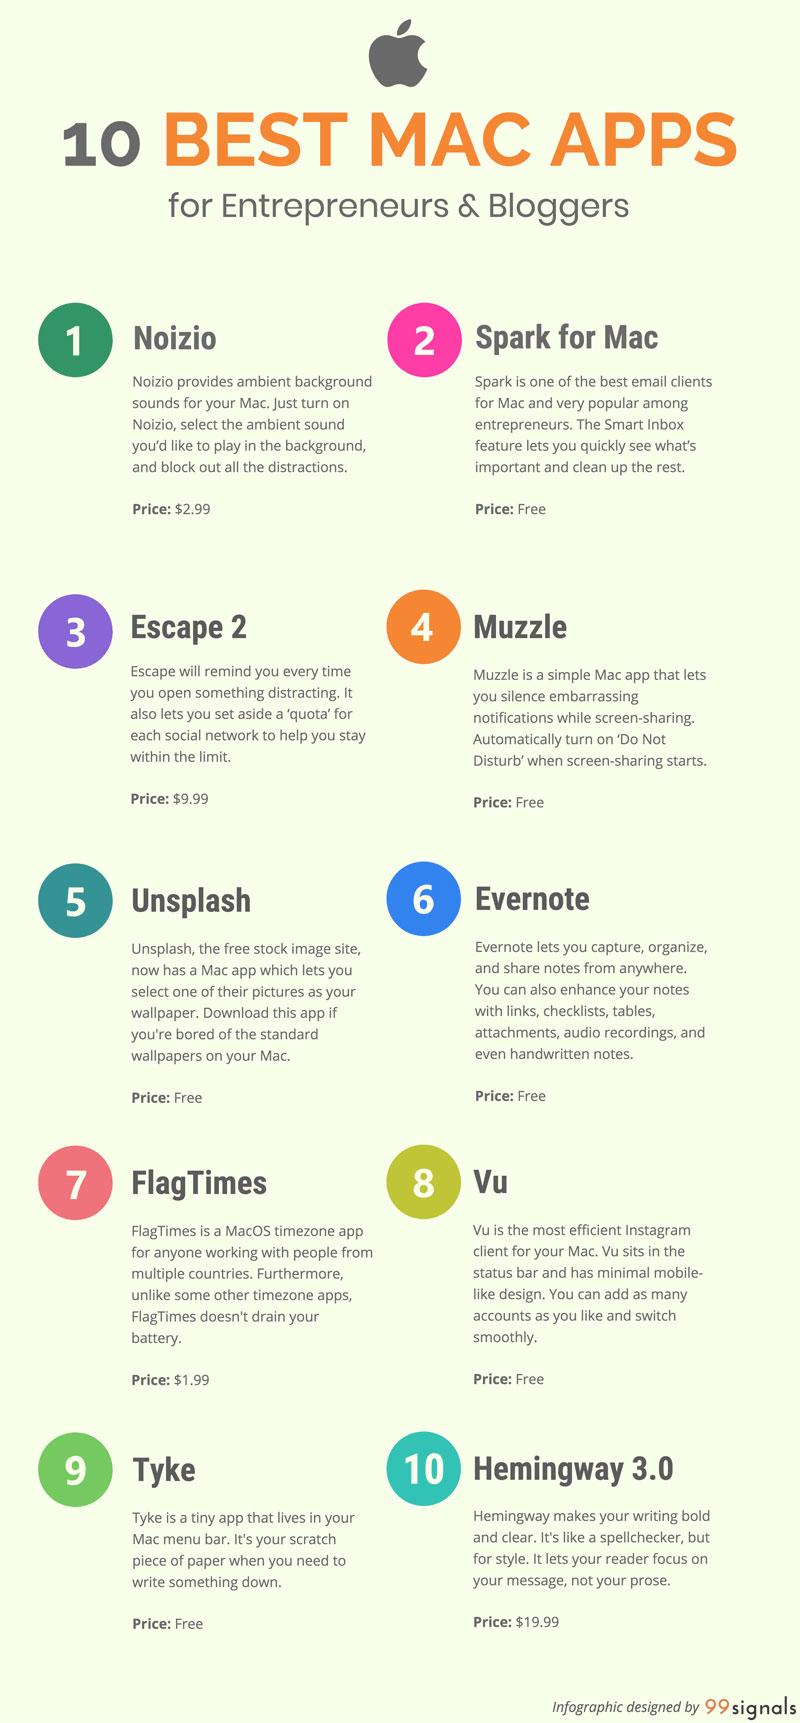 best mac apps for entrepreneurs infographic